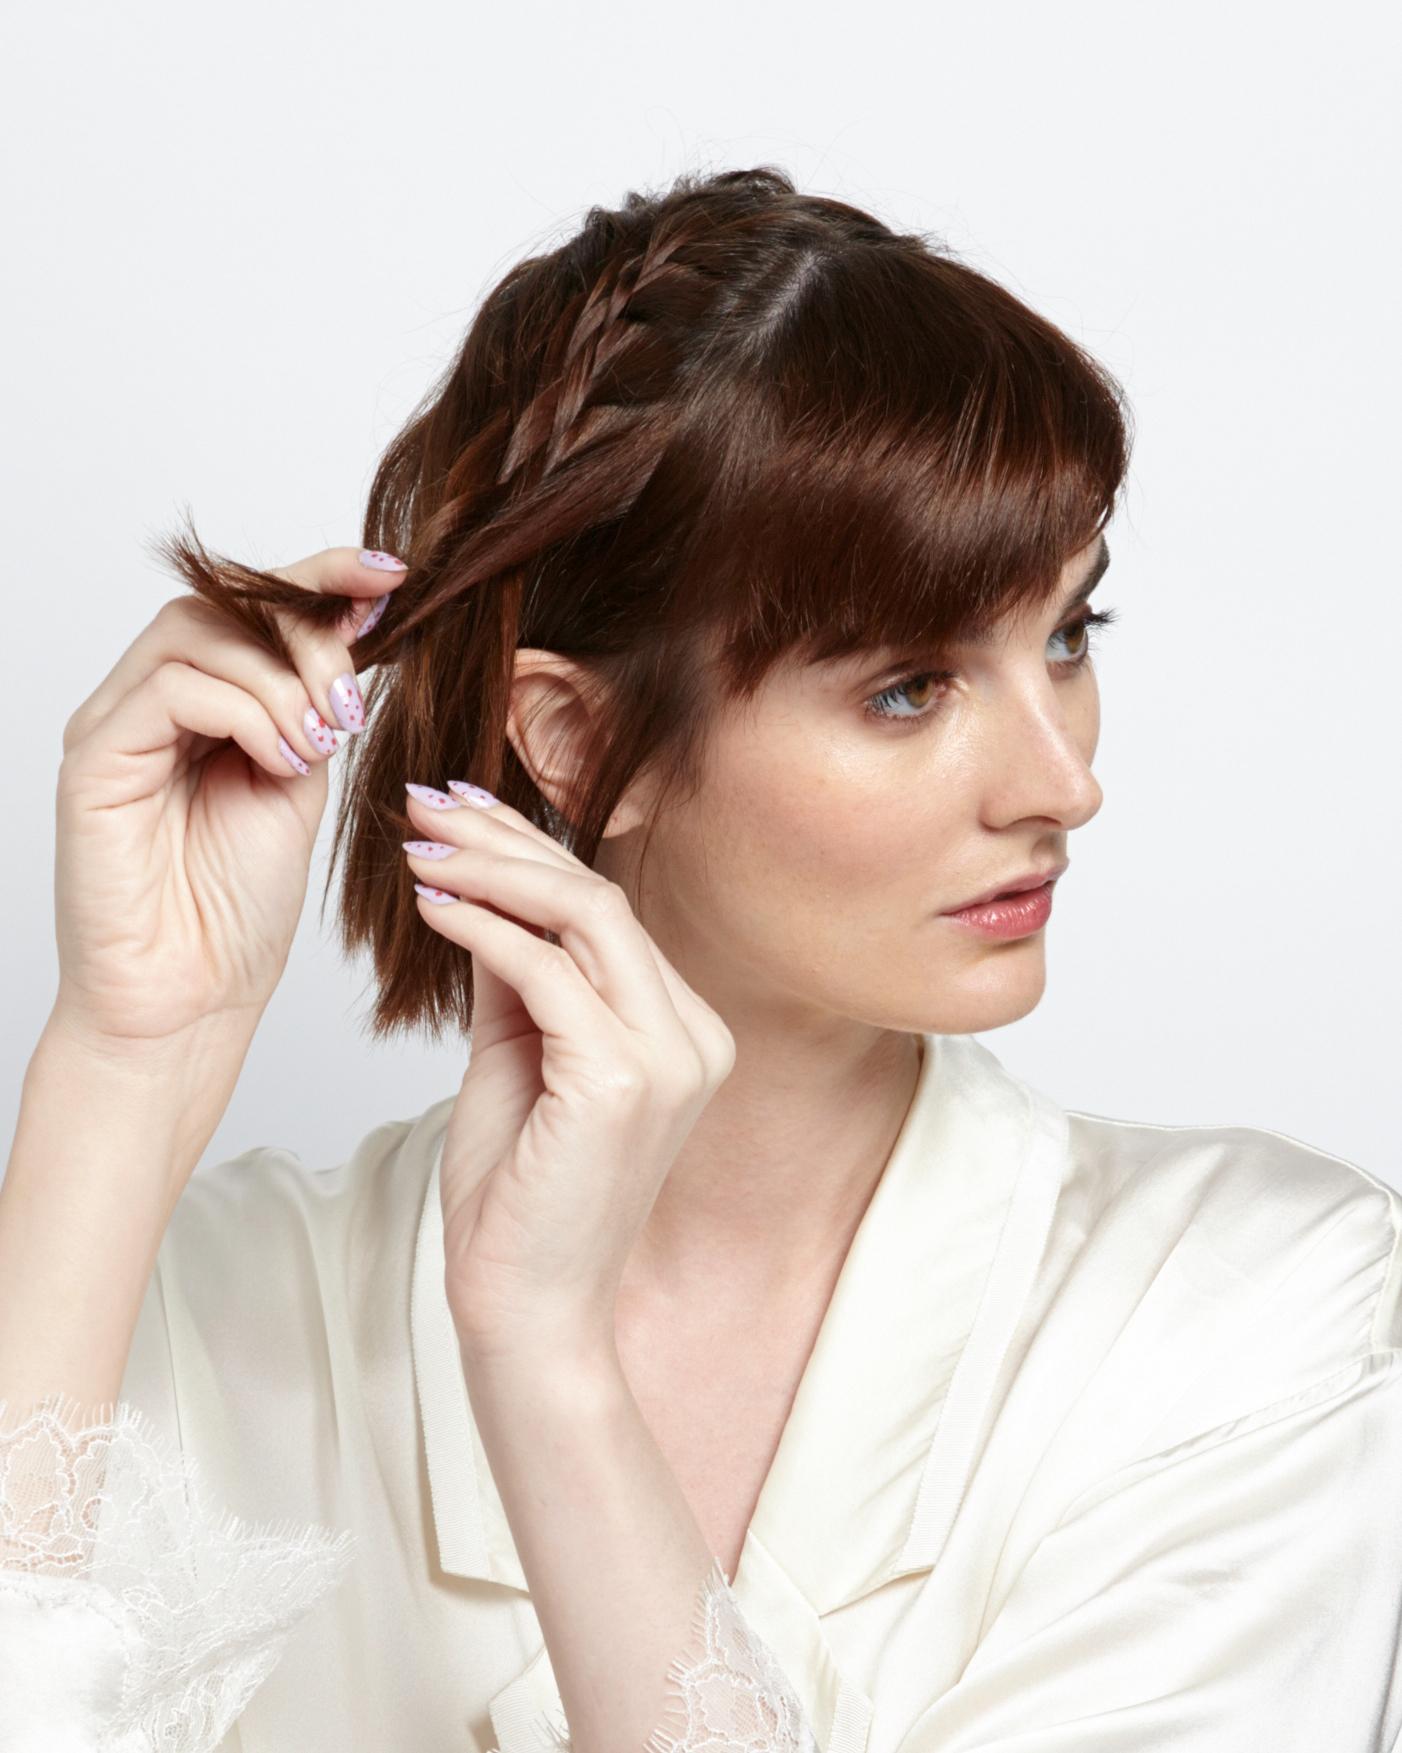 short-hair-head-band-step-2-5270-d111417-1014.jpg